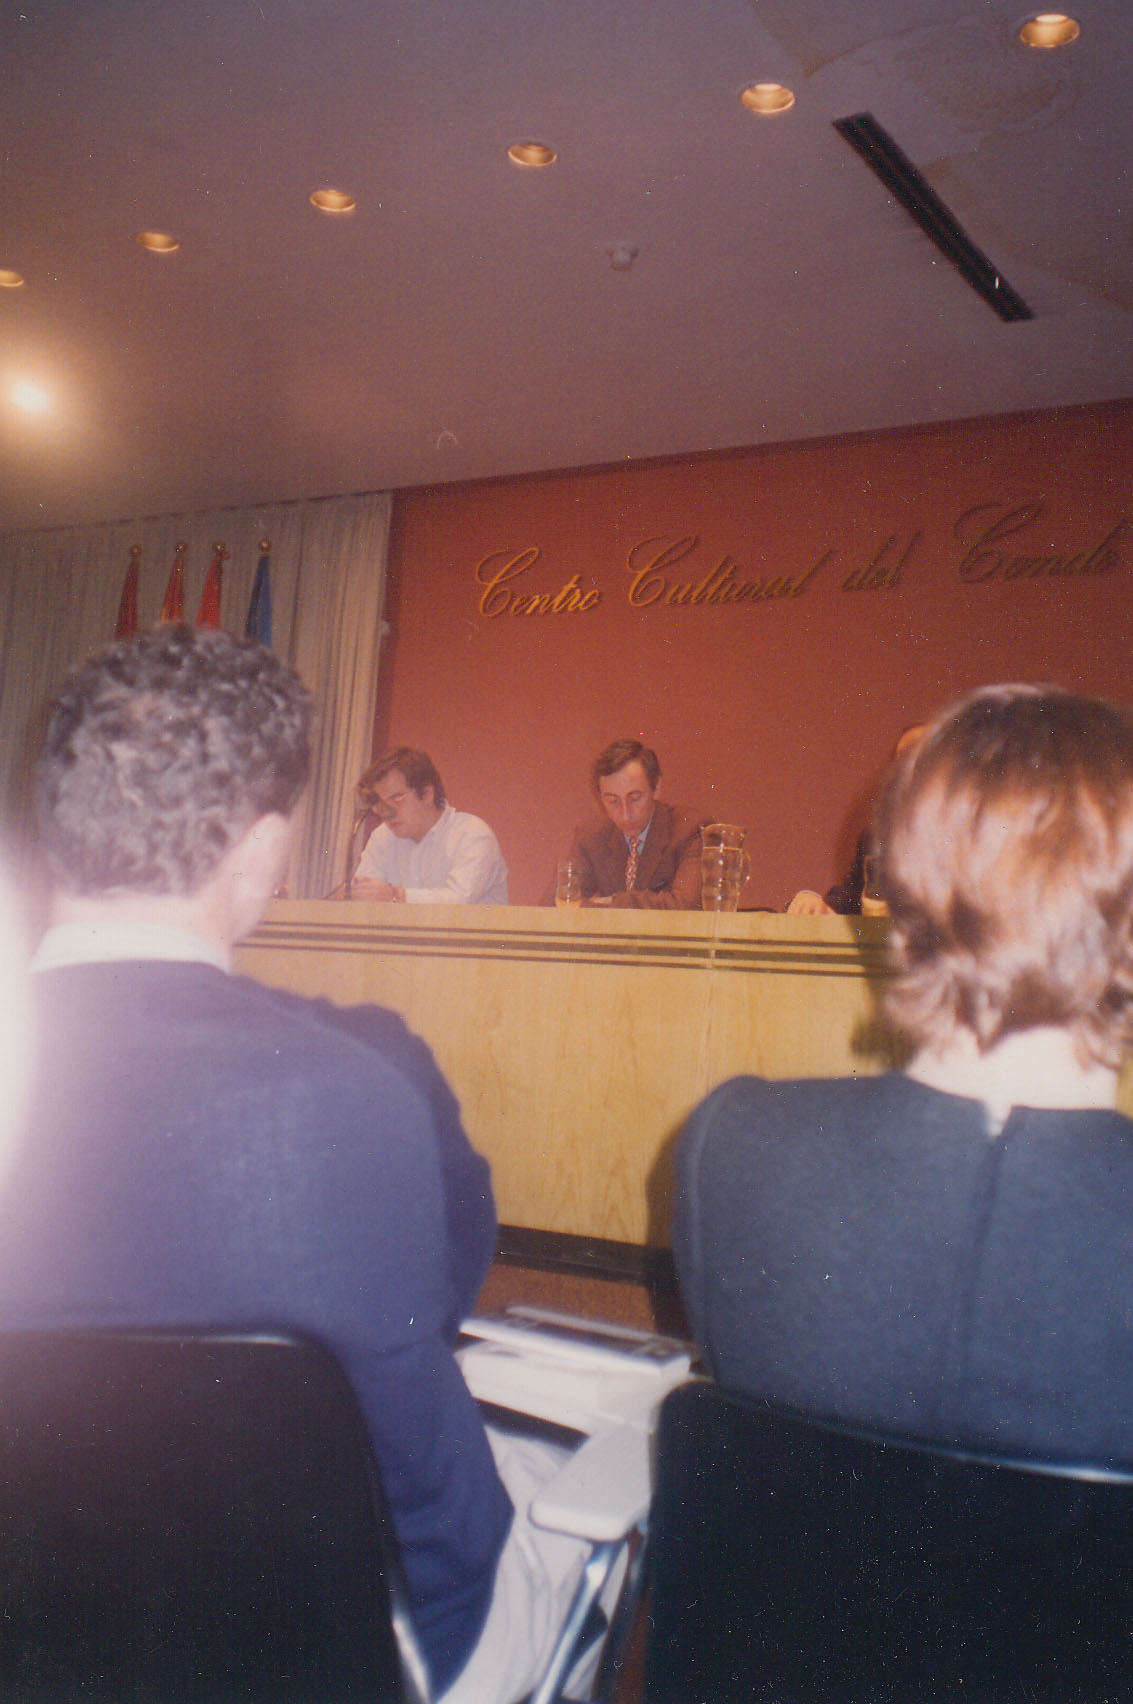 Presentación de Poesía (1975-2000), de Jose Elgarresta